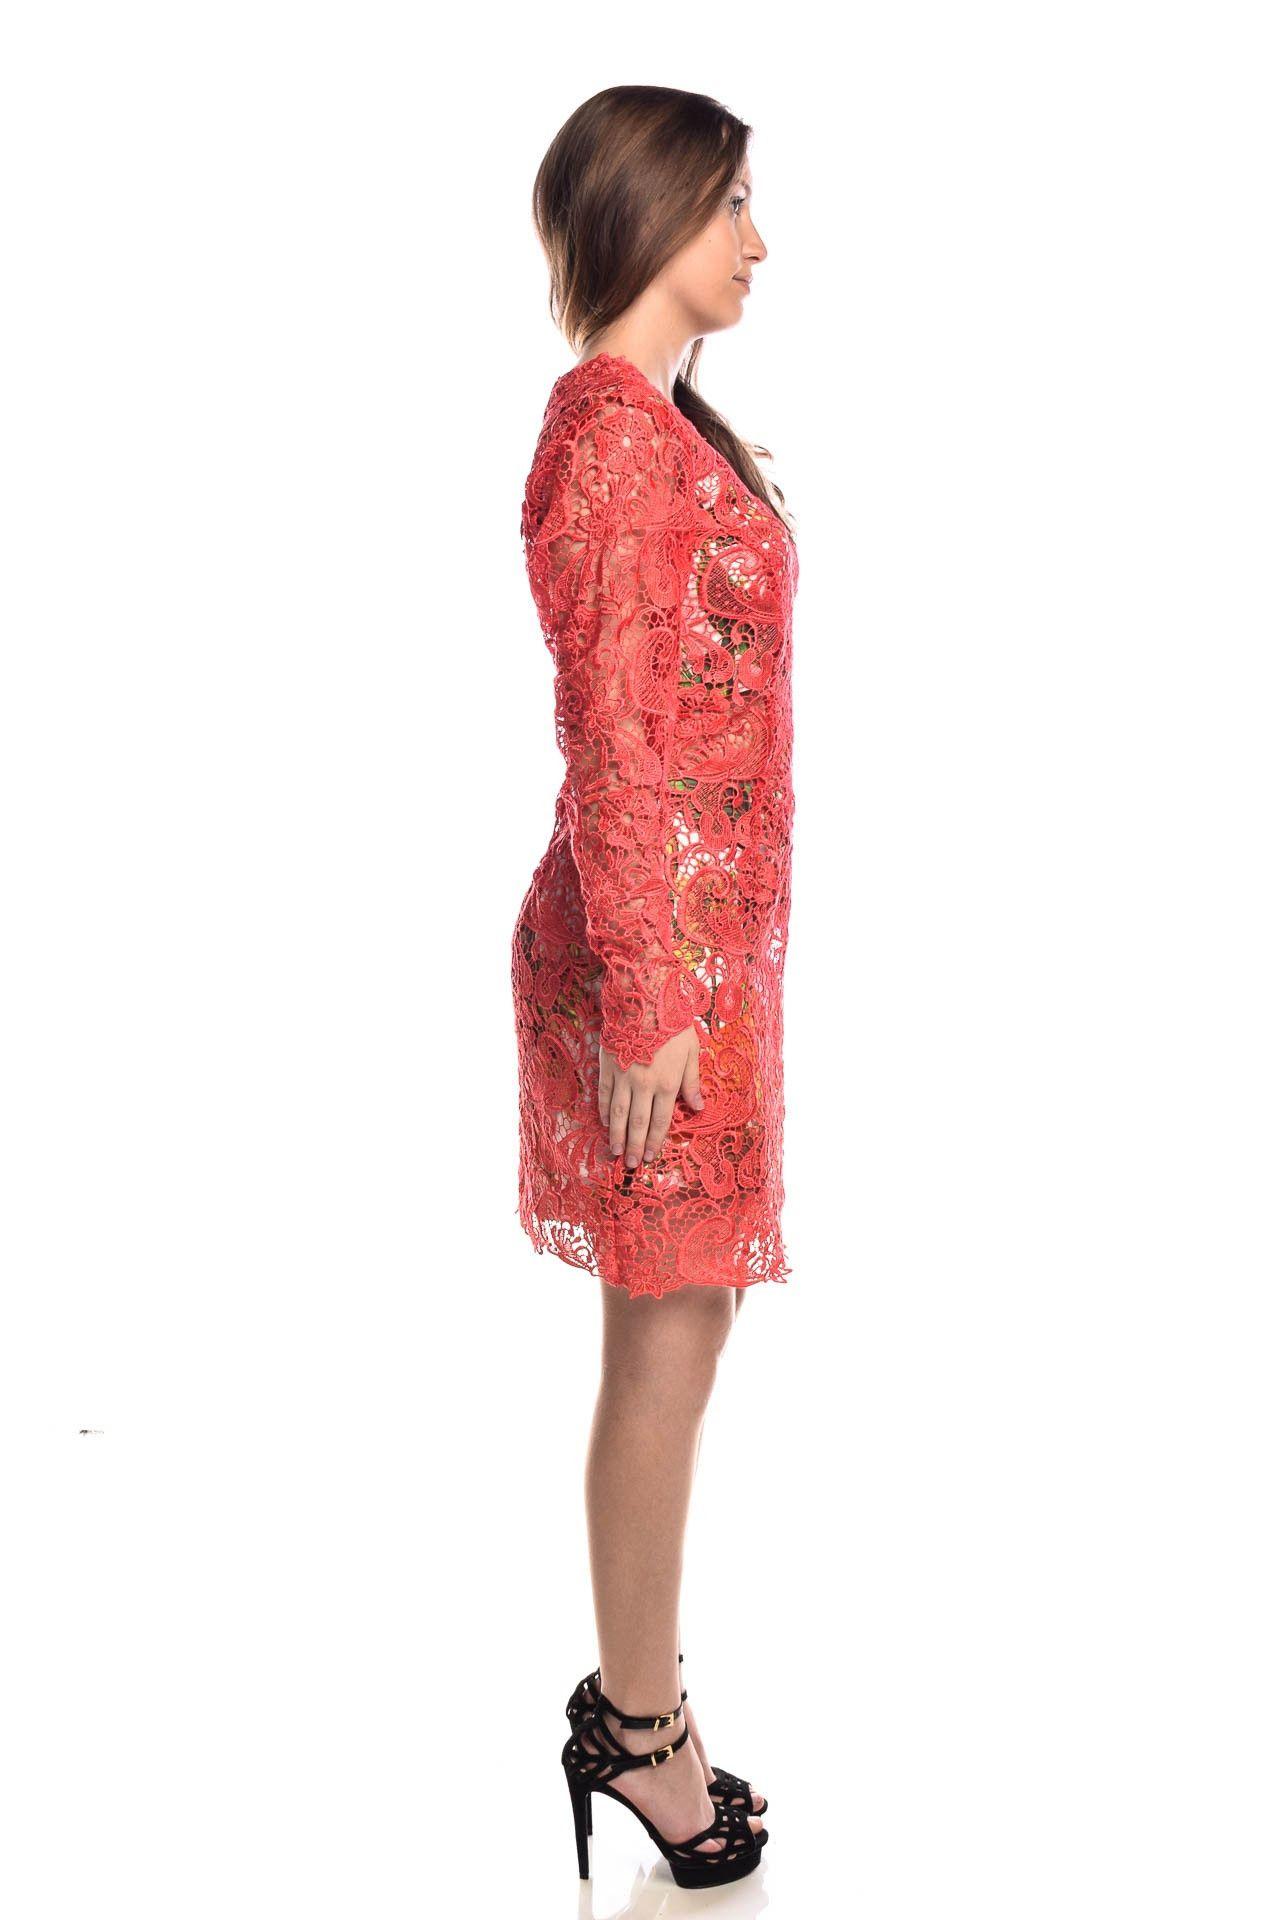 Fabulous Agilità - Conjunto Vestido Renda Coral - Foto 4